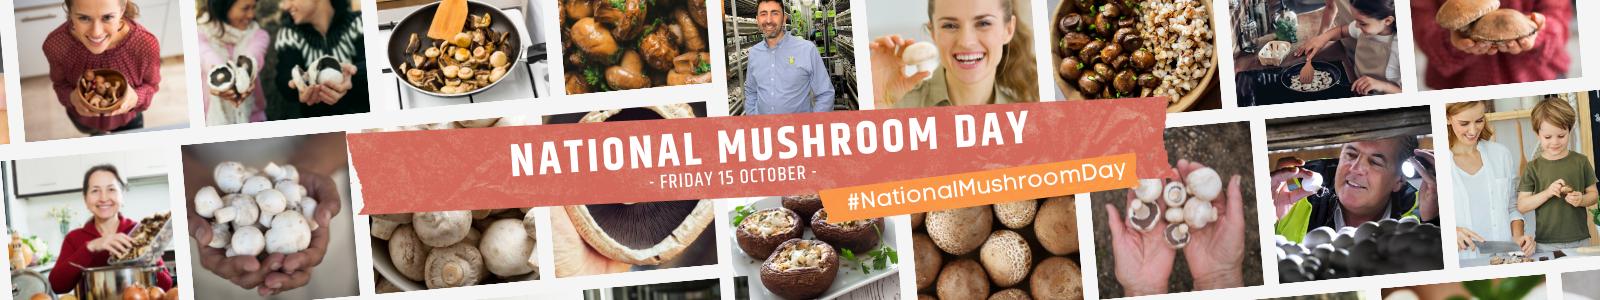 National Mushroom Day - October 15